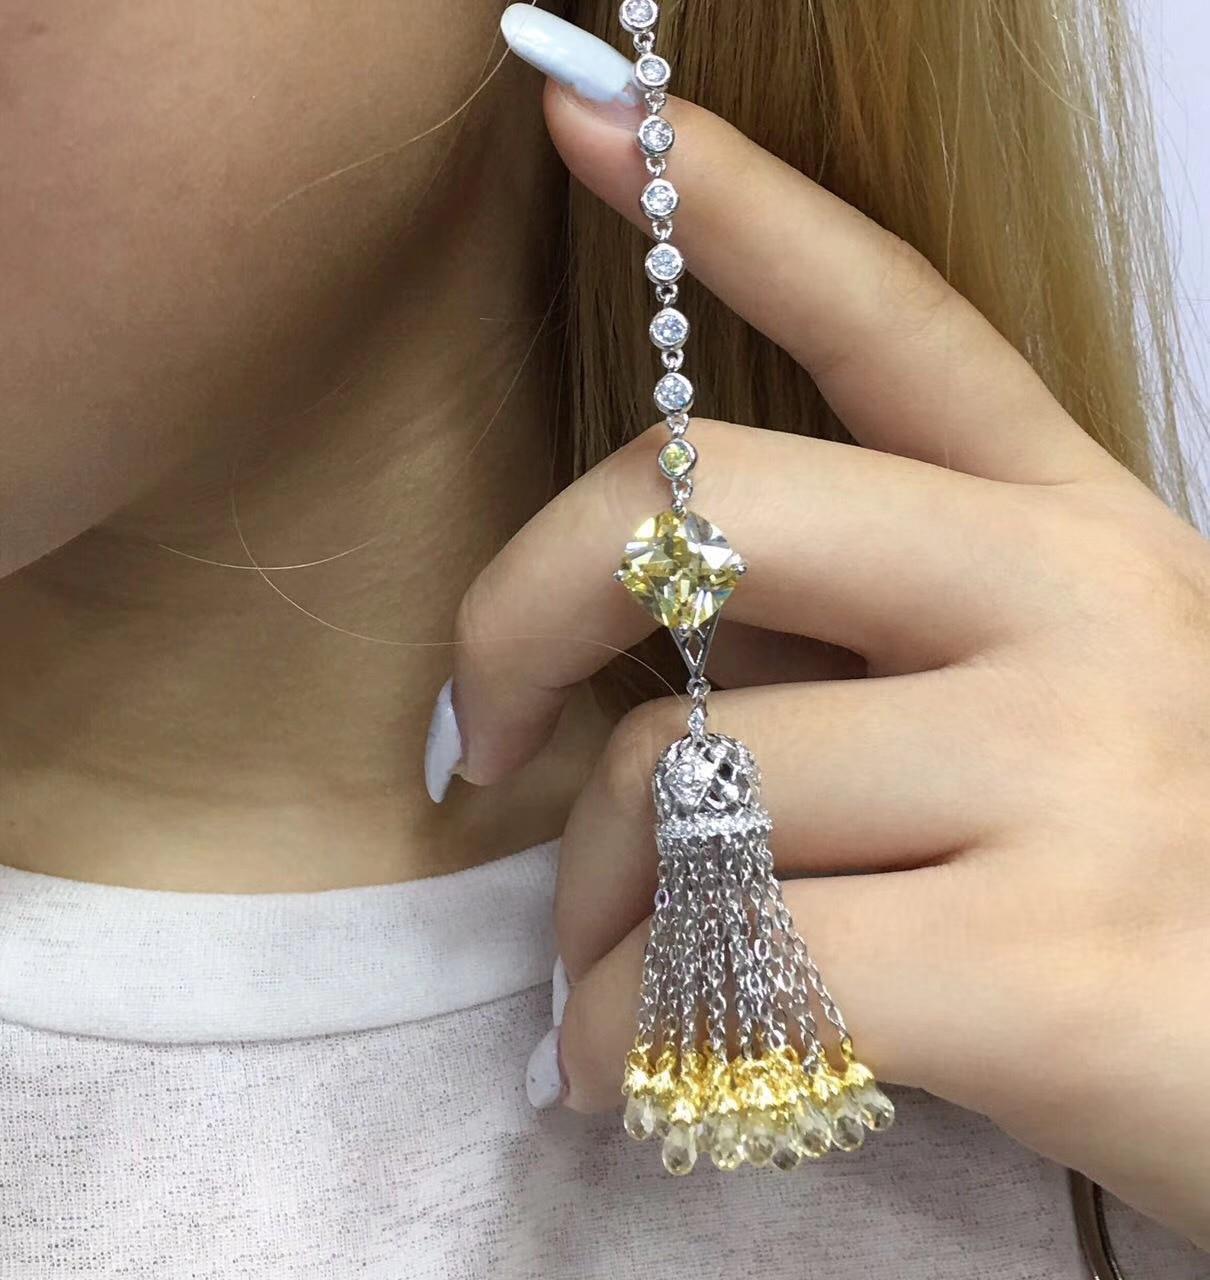 Femmes nouveau réel 925 argent long gland zircone cristal dangle boucles d'oreilles jaune/blanc licorne boucle d'oreille femme-in Boucles d'oreilles pendantes from Bijoux et Accessoires    1